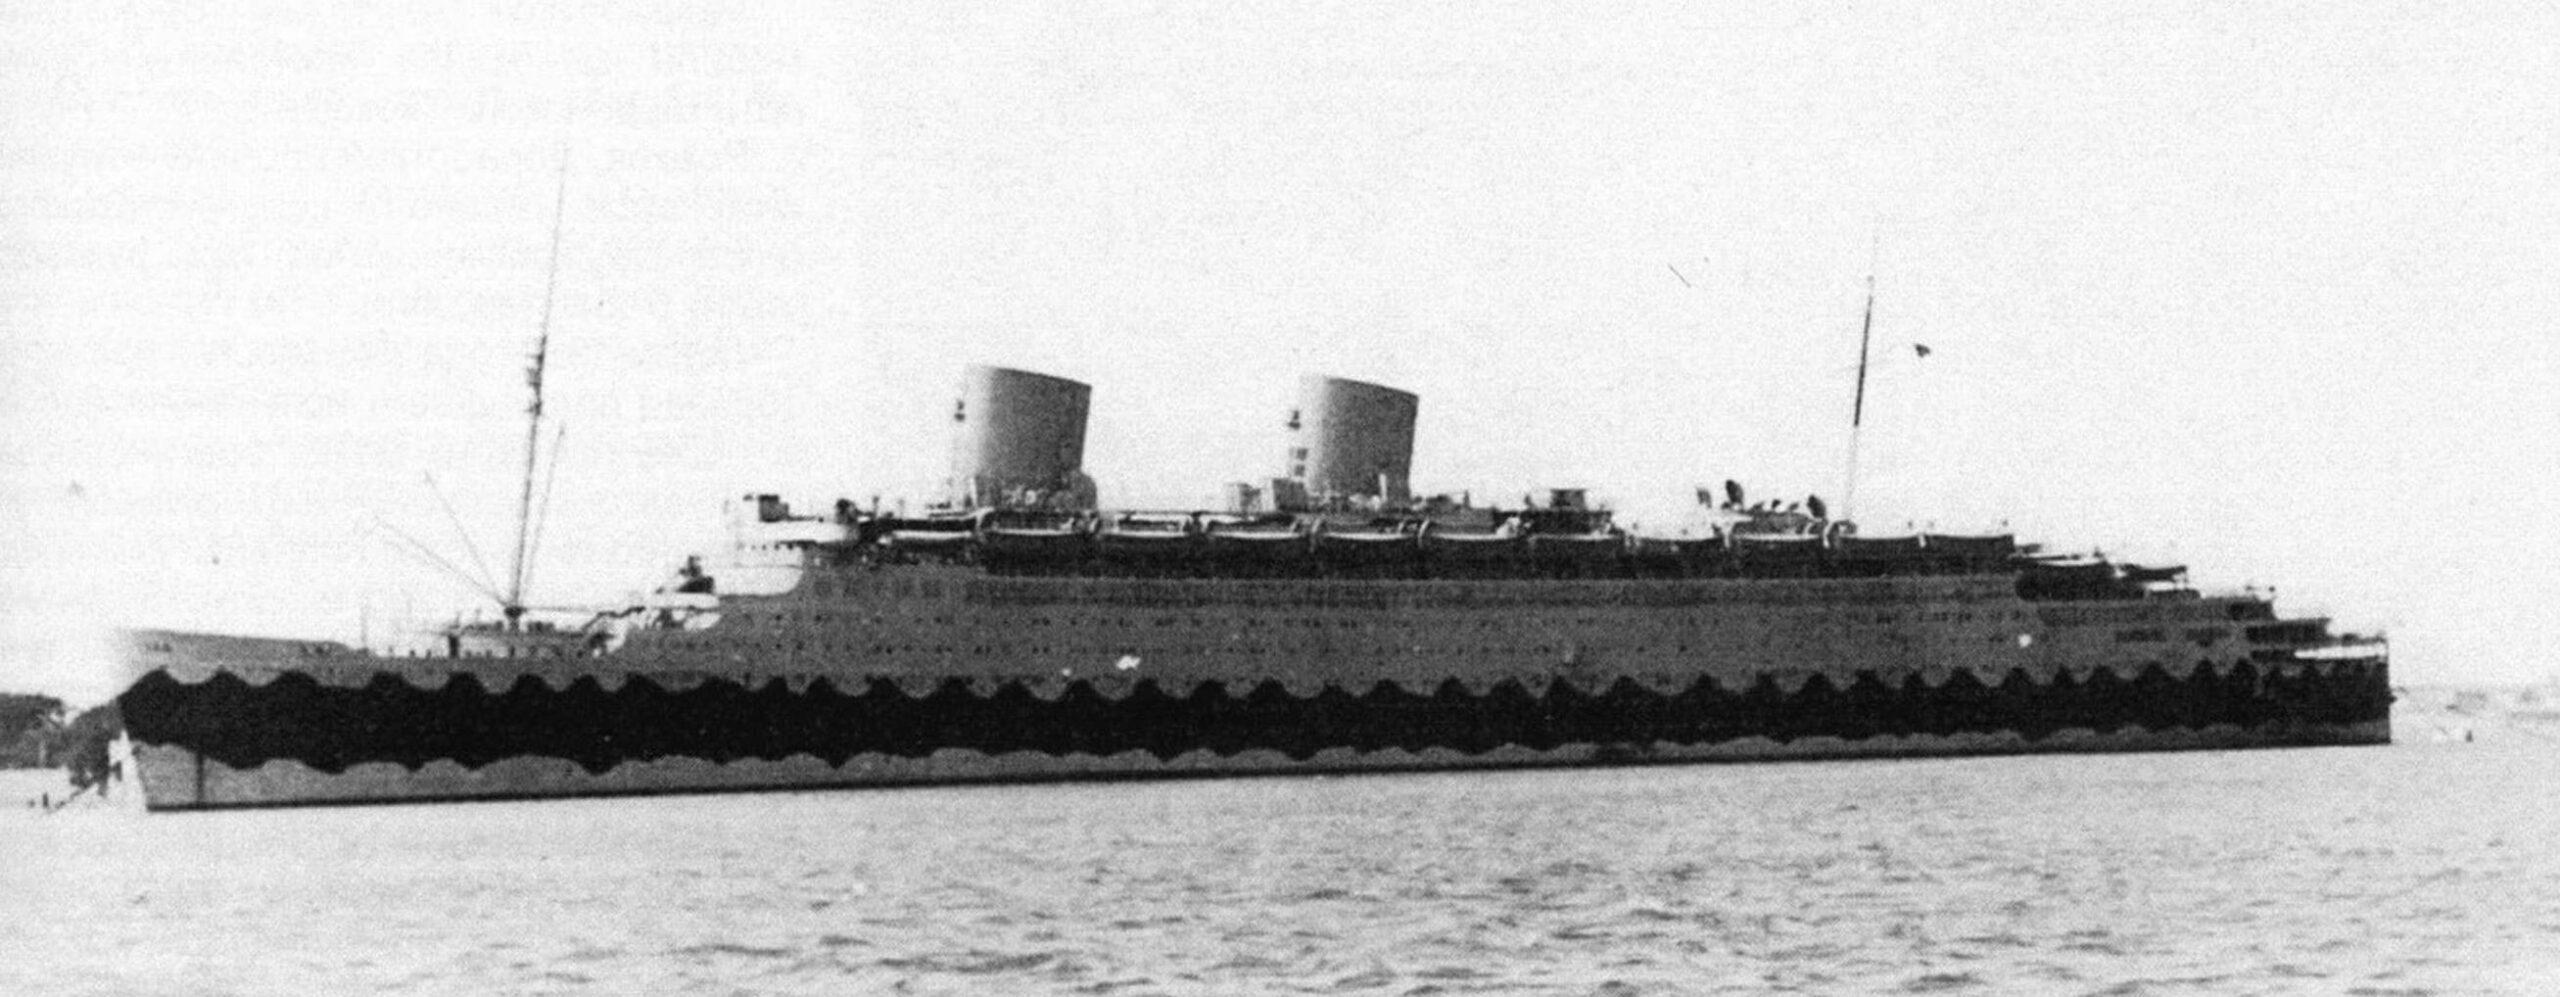 «Конте ди Савойя» на отстое в Венеции (период Второй мировой войны)